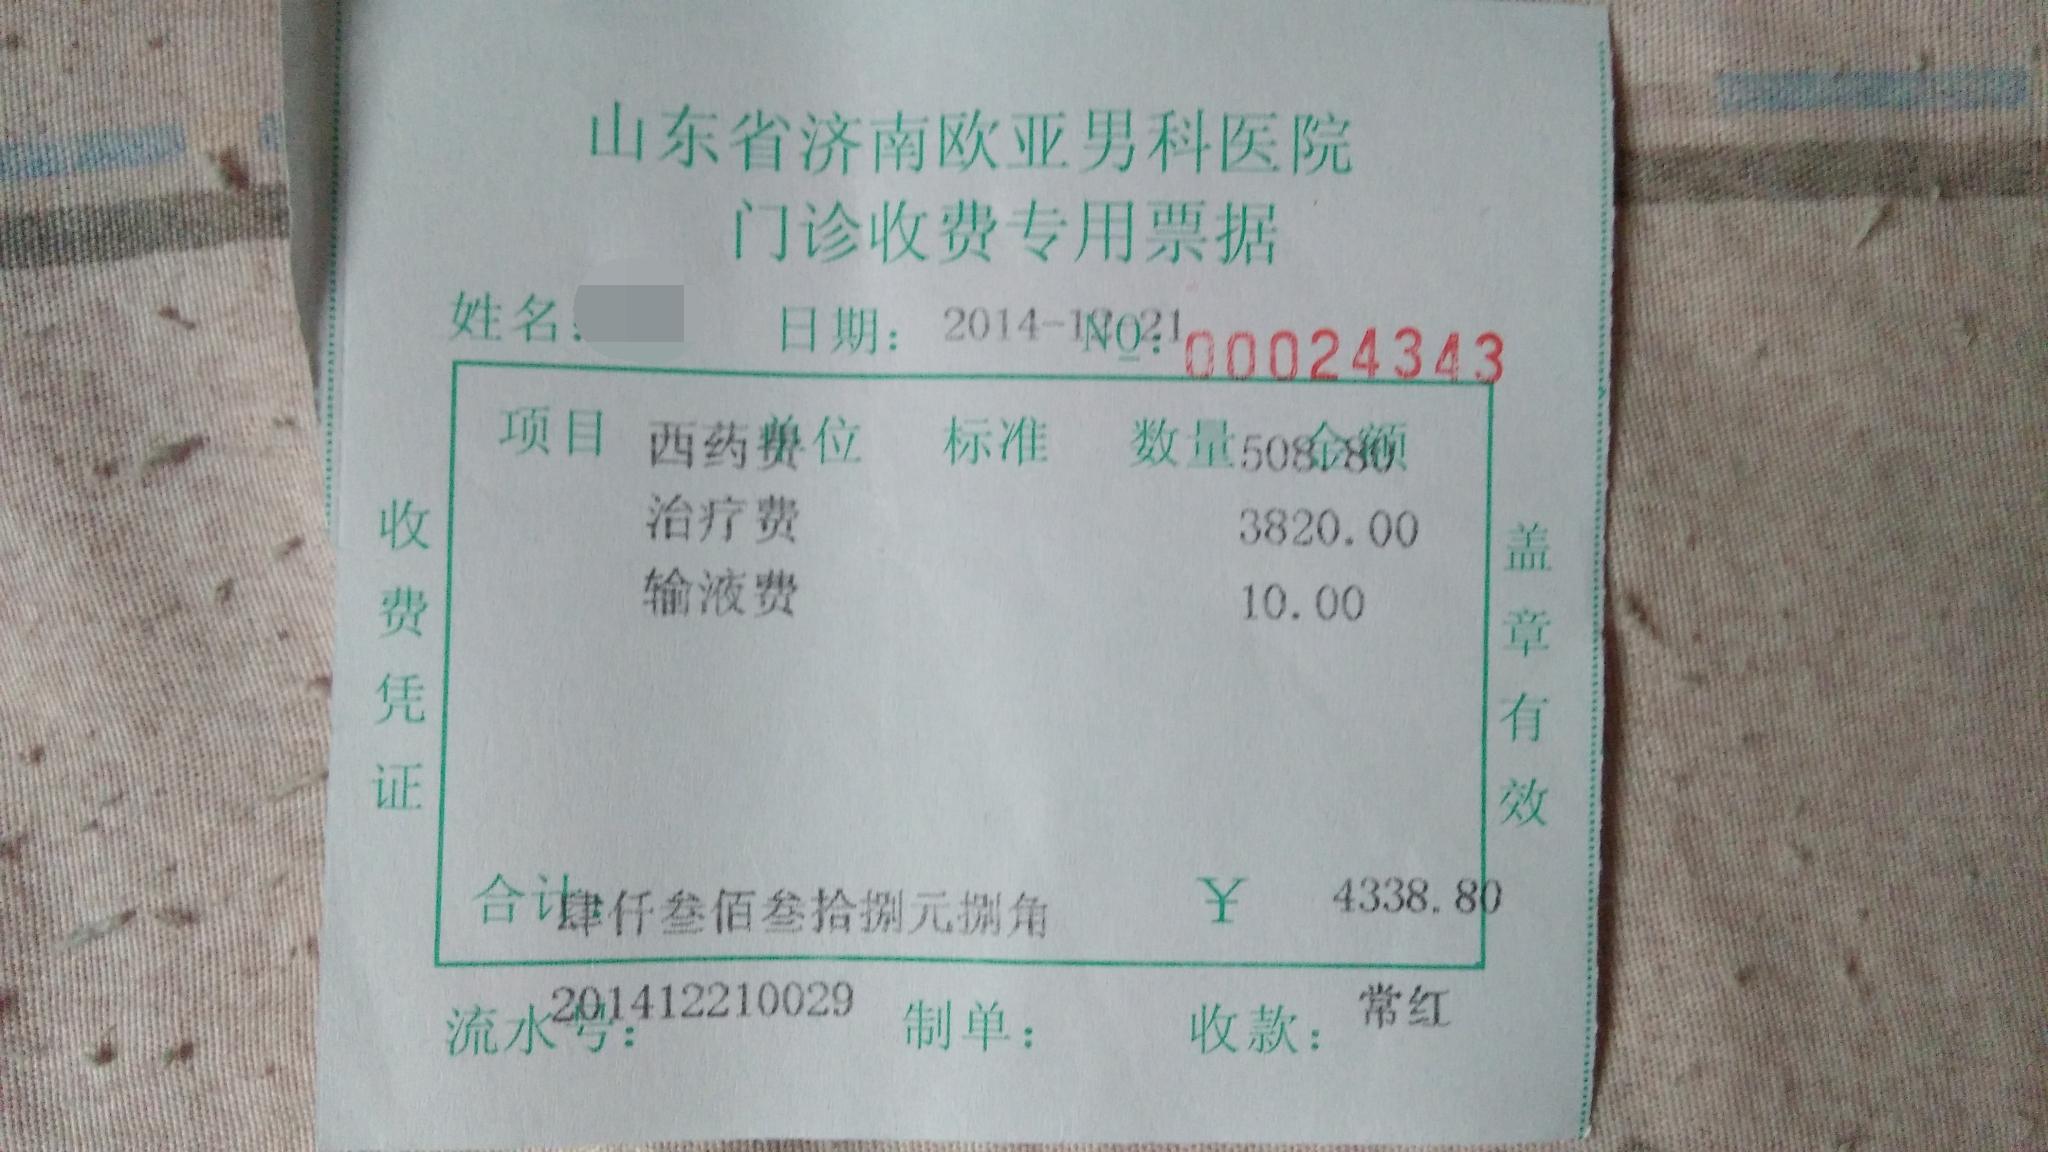 在济南欧亚男科医院第5天的收费-男性健康网